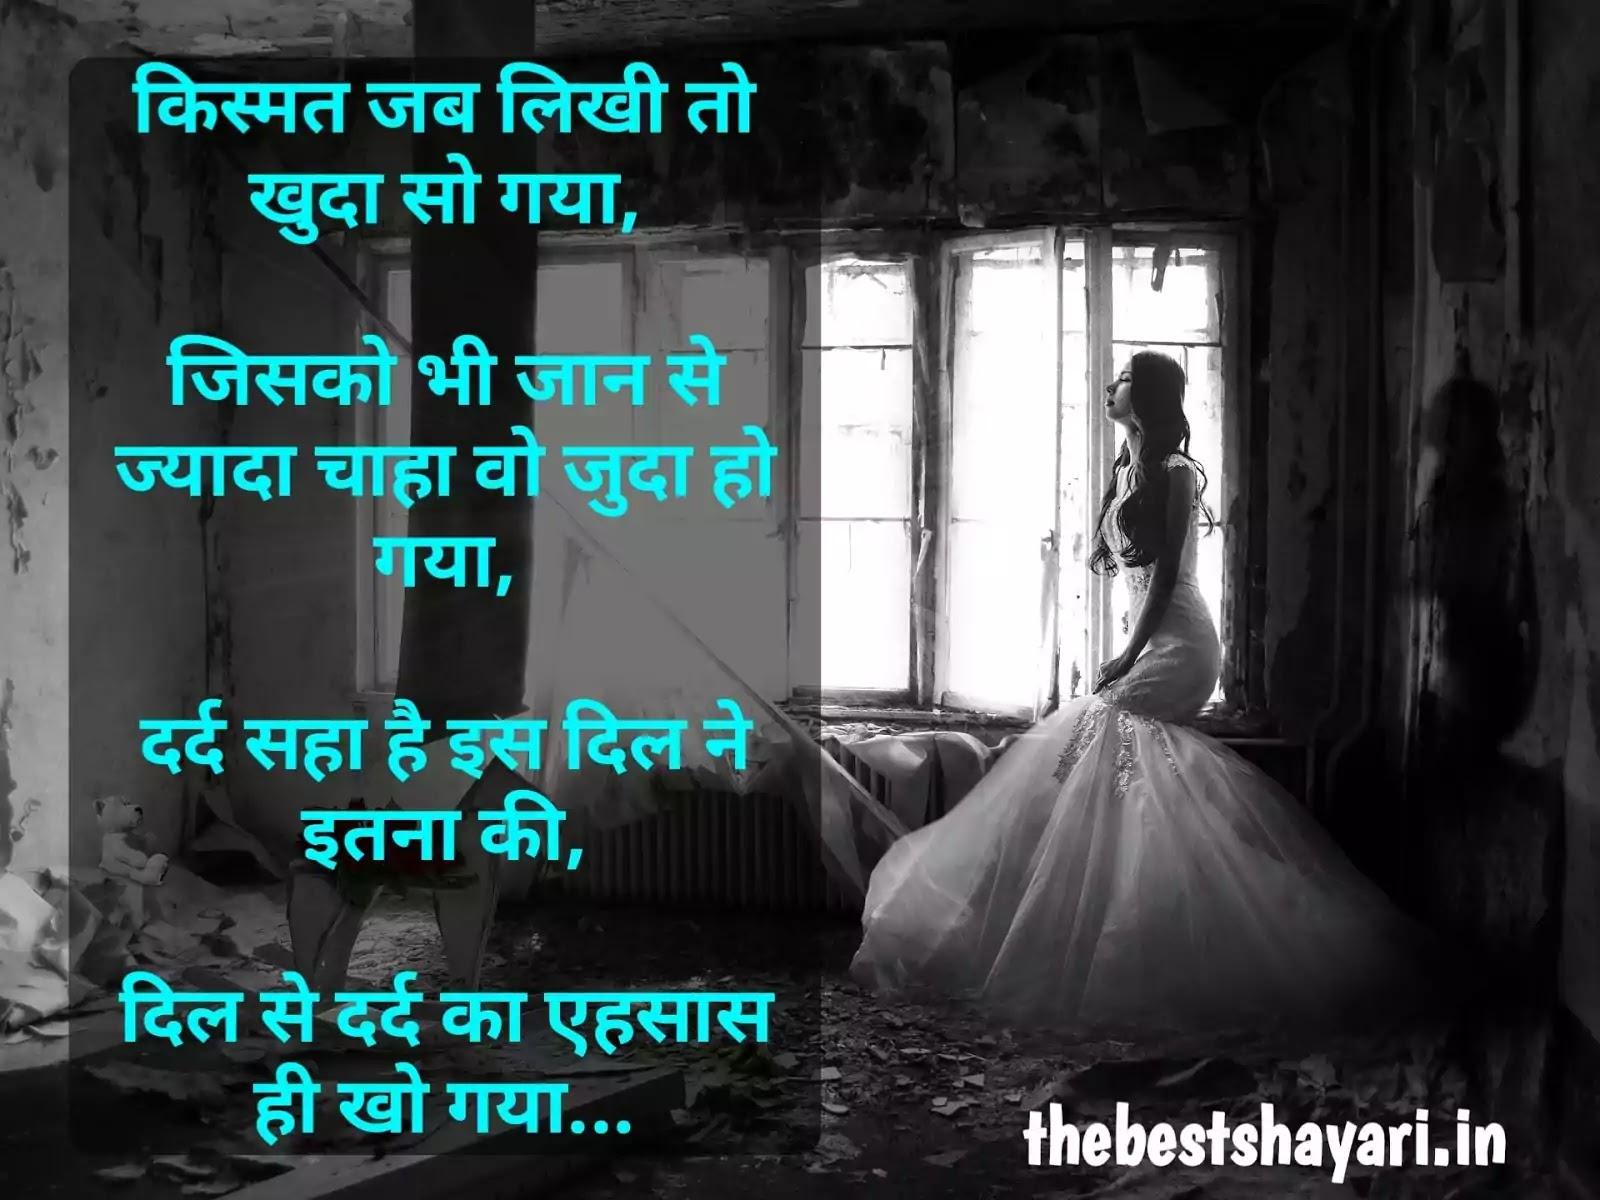 Dard bhari shayari Hindi to English